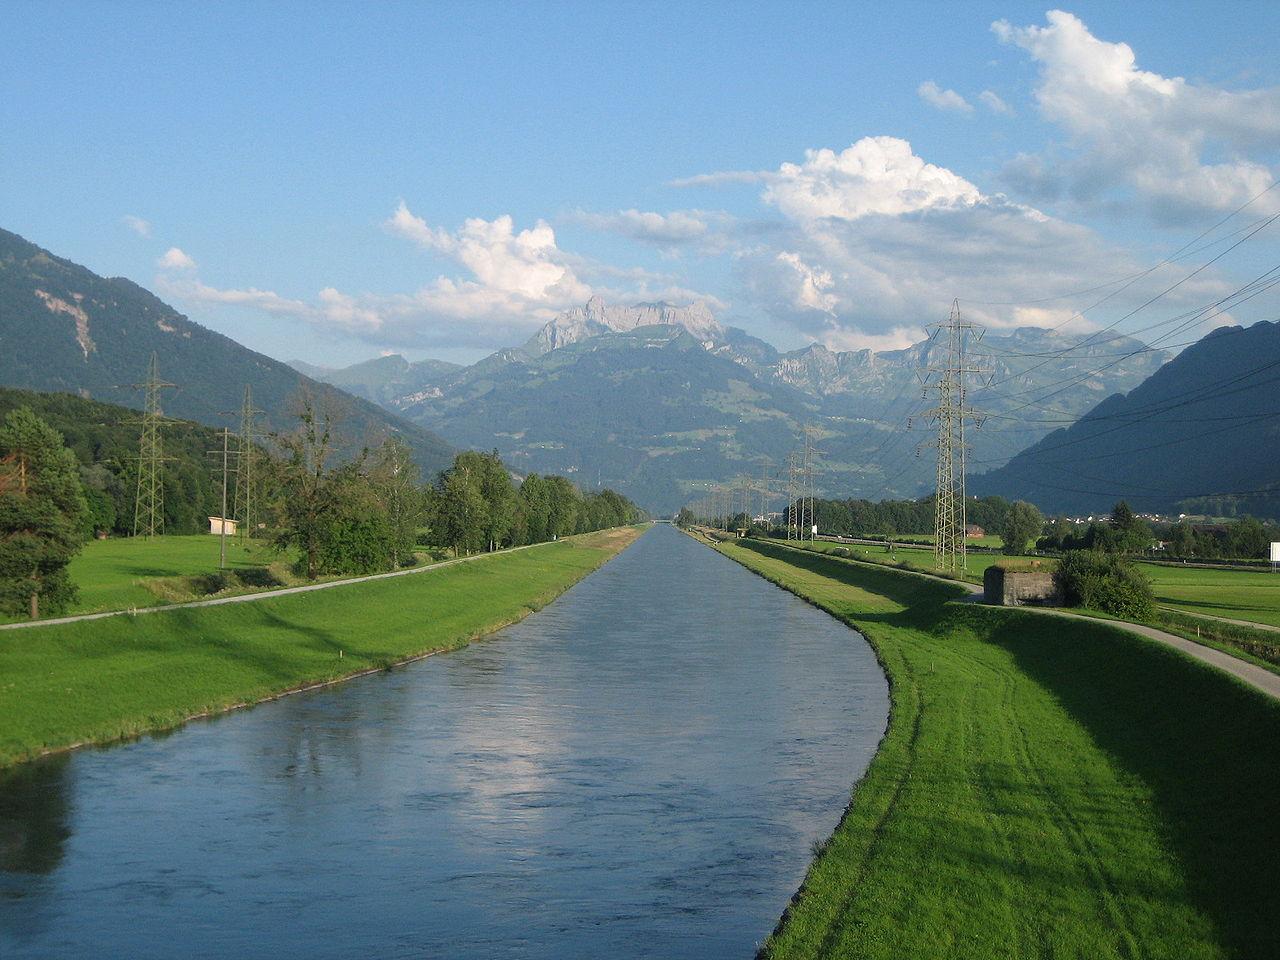 Der Linthkanal bei Reichenburg, Richtung Süden, im Hintergrund der Mürtschenstock.